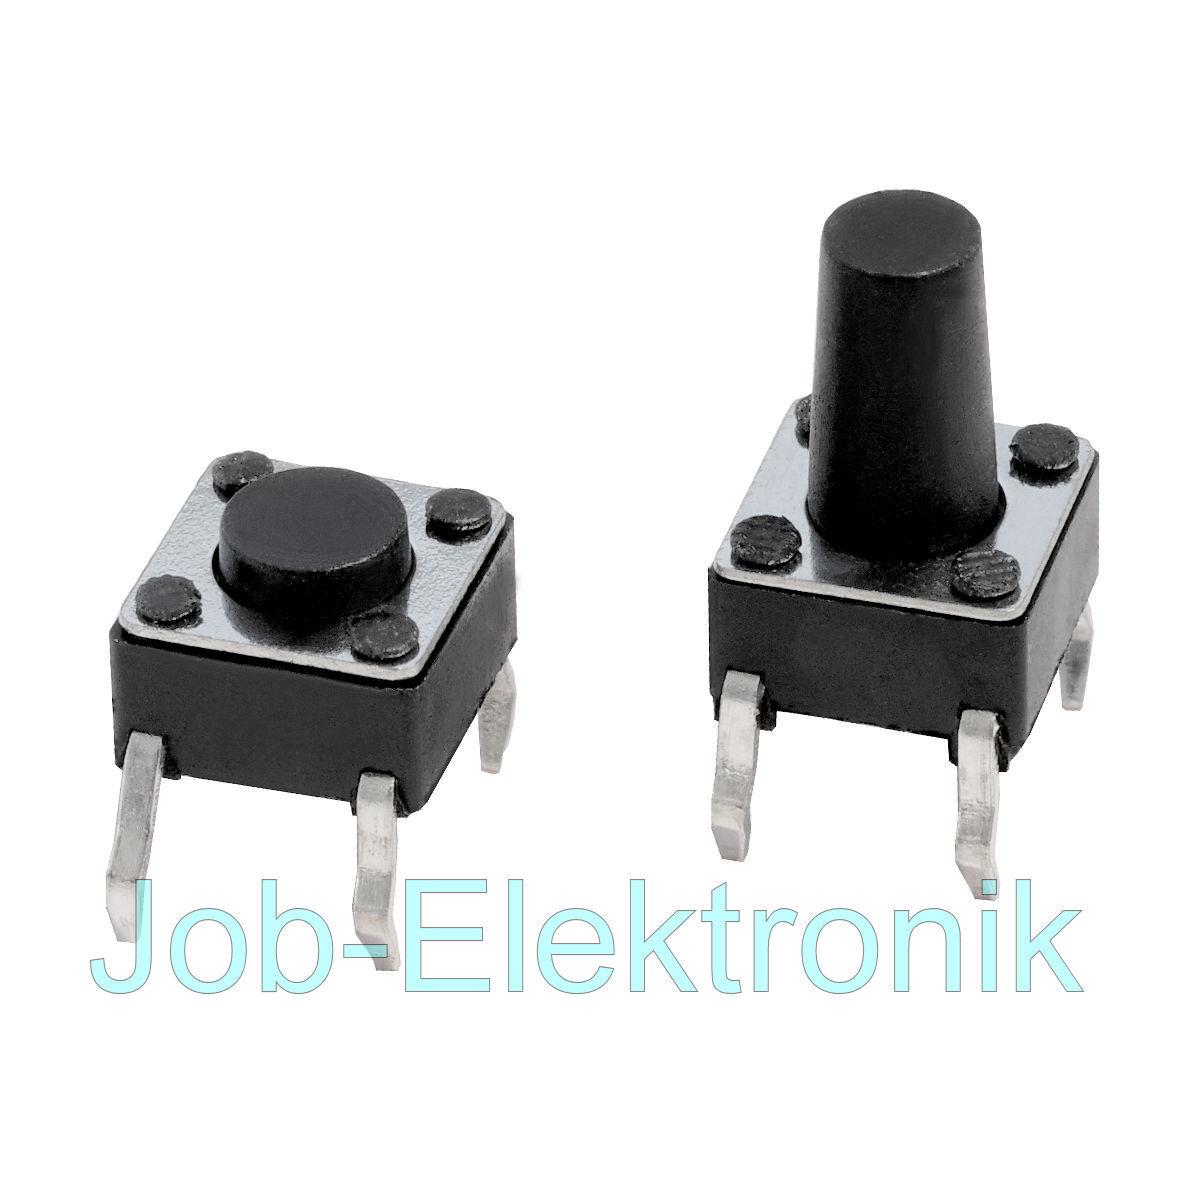 10 Stück kleinst Mikrotaster Mini Micro Schalter Microswitch Taster Printmontage